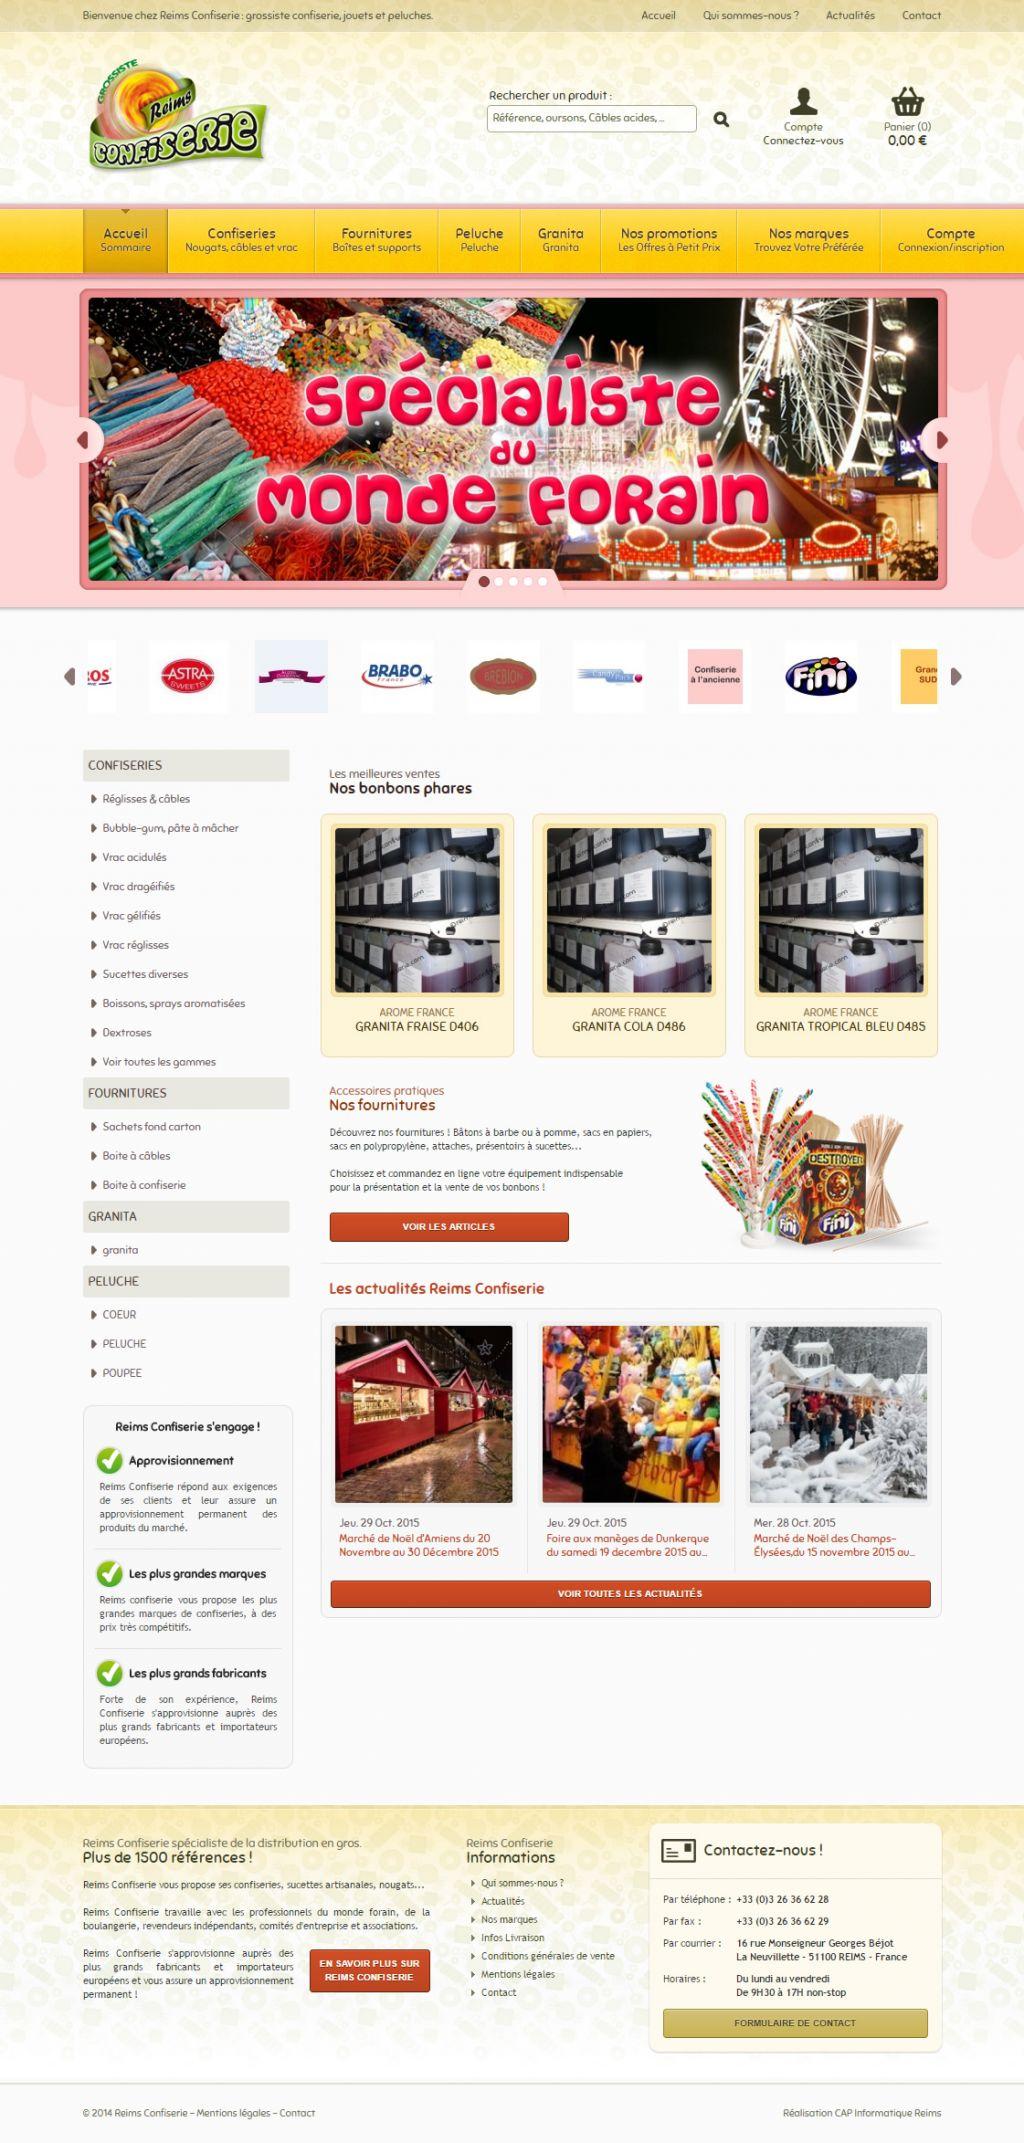 reims confiserie catalogue boutique. Black Bedroom Furniture Sets. Home Design Ideas